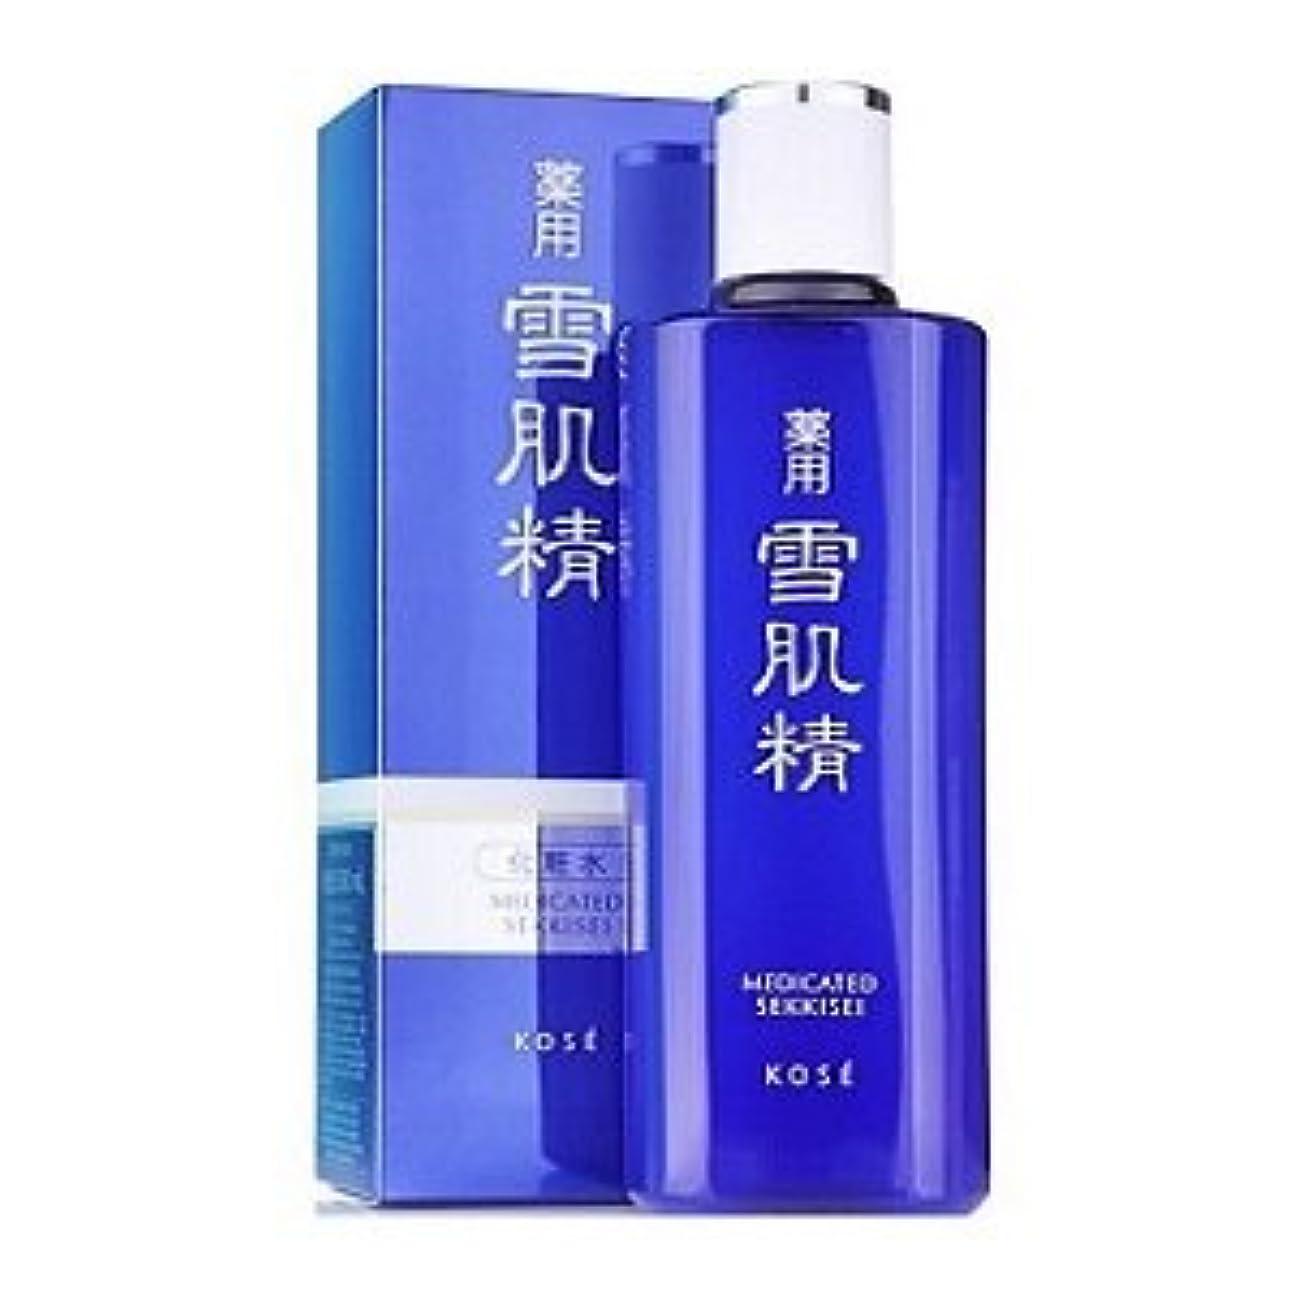 マージ粘液キャベツコーセー 薬用 雪肌精 化粧水 360ml アウトレット